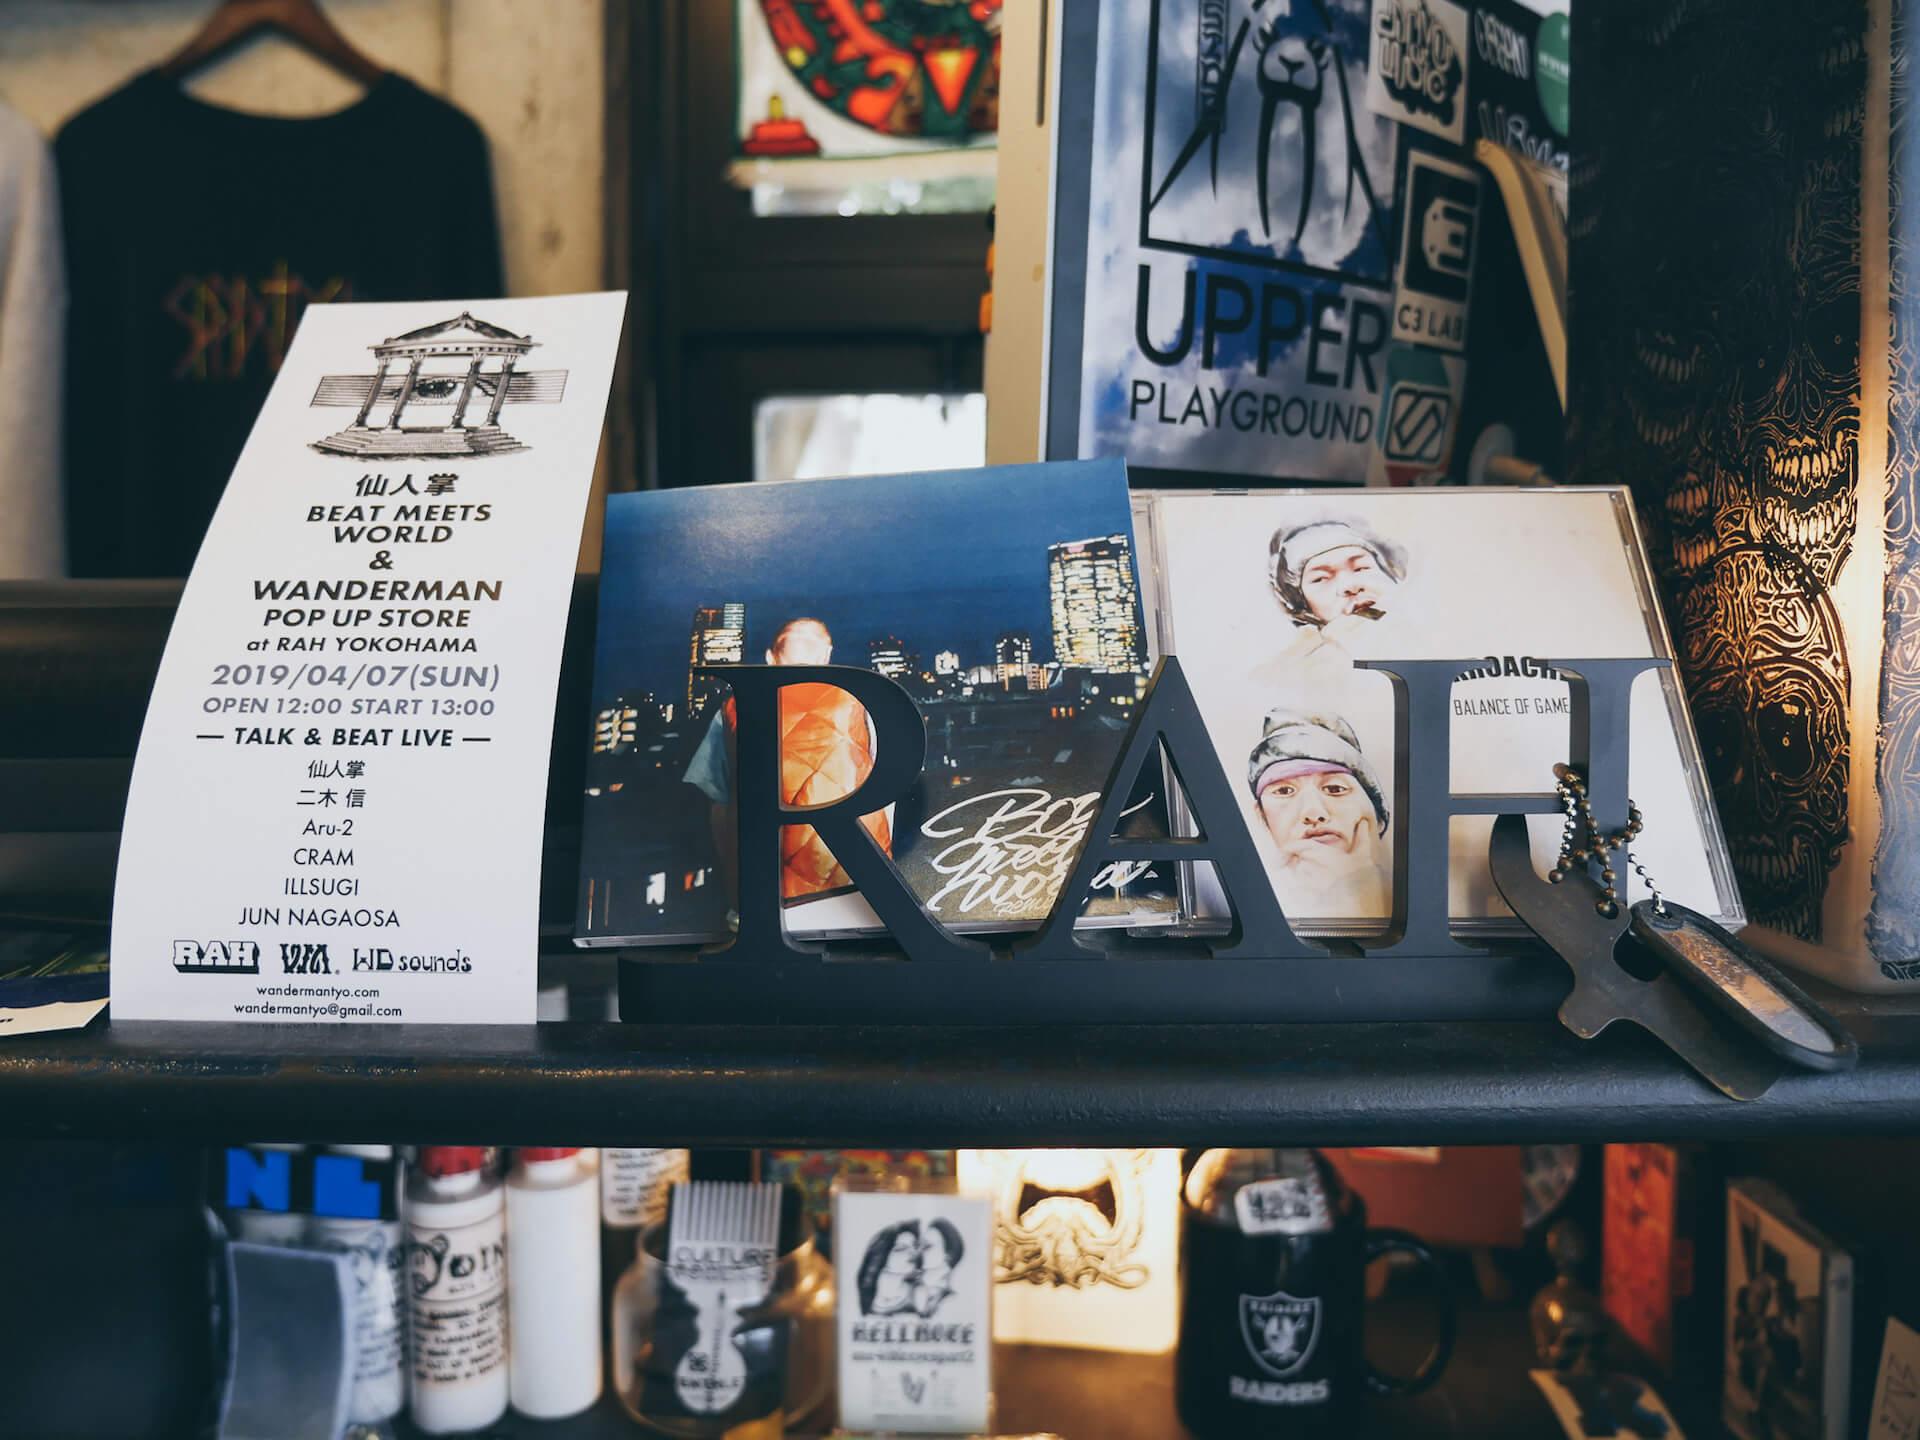 ビートは世界と出会う――BEAT MEETS WORLD x WANDERMAN POP UP in RAH YOKOHAMA REPORT interview-beat-meets-world-pop-up-report-4